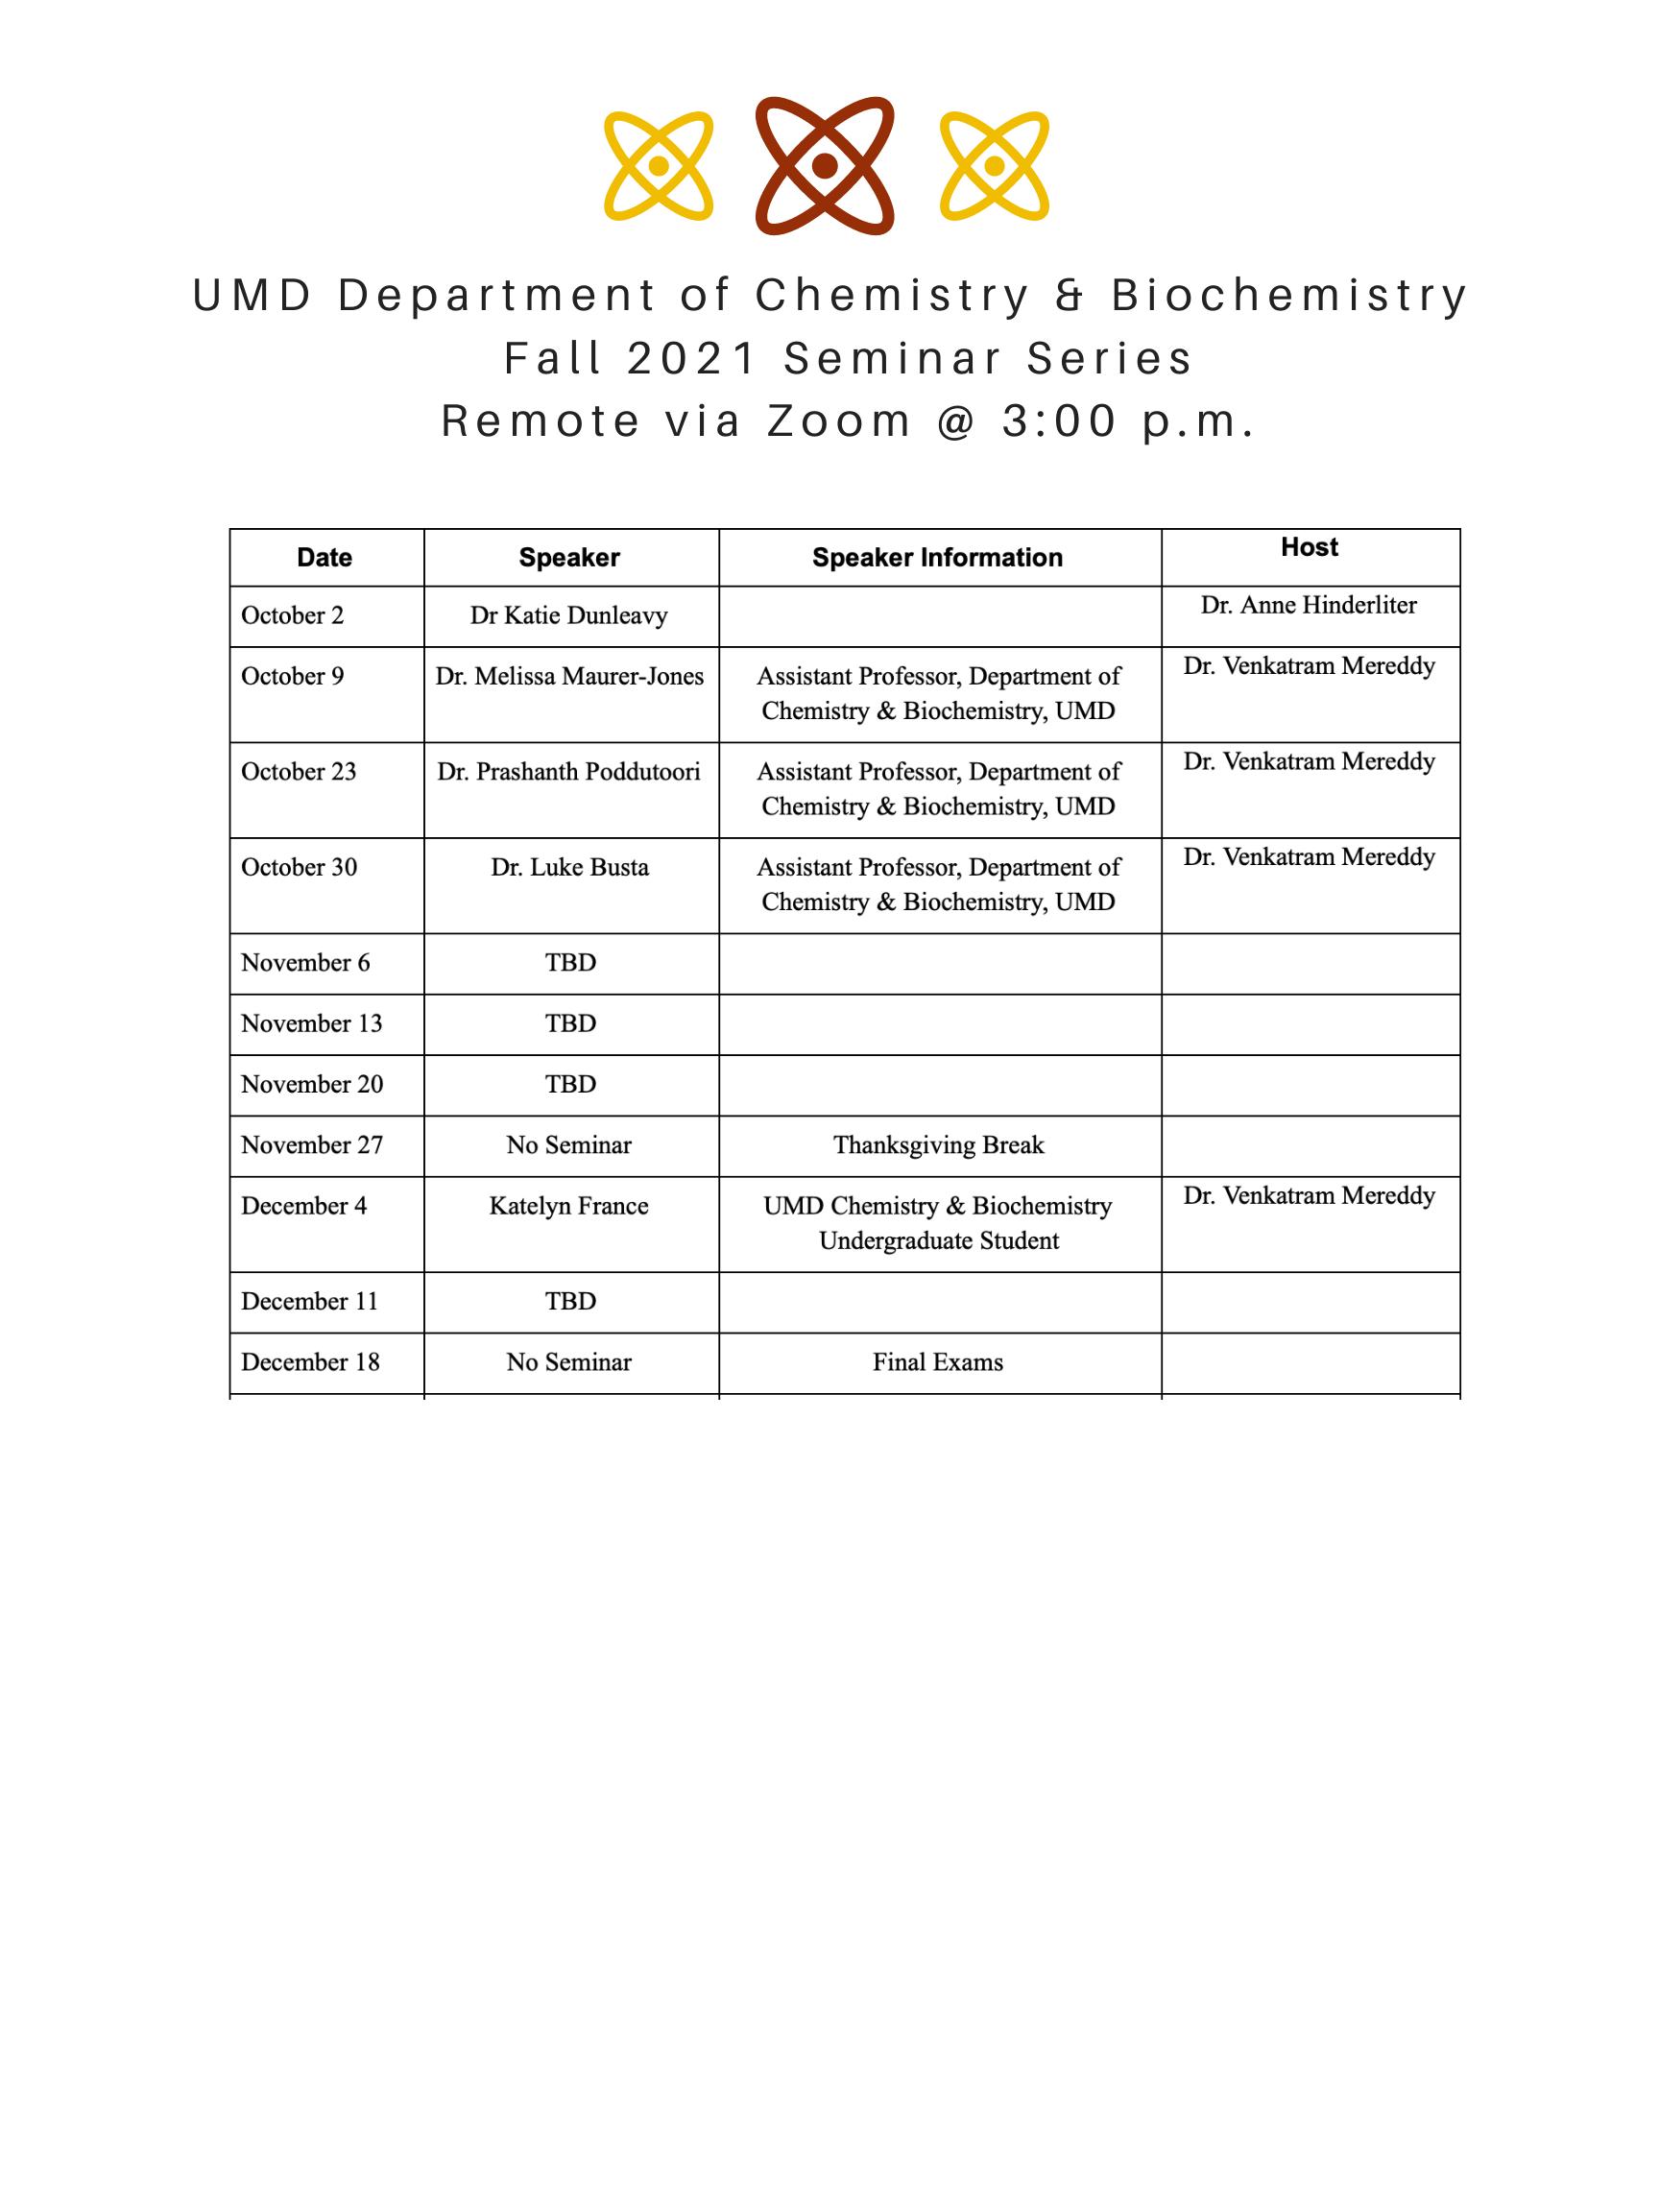 Seminar Schedule